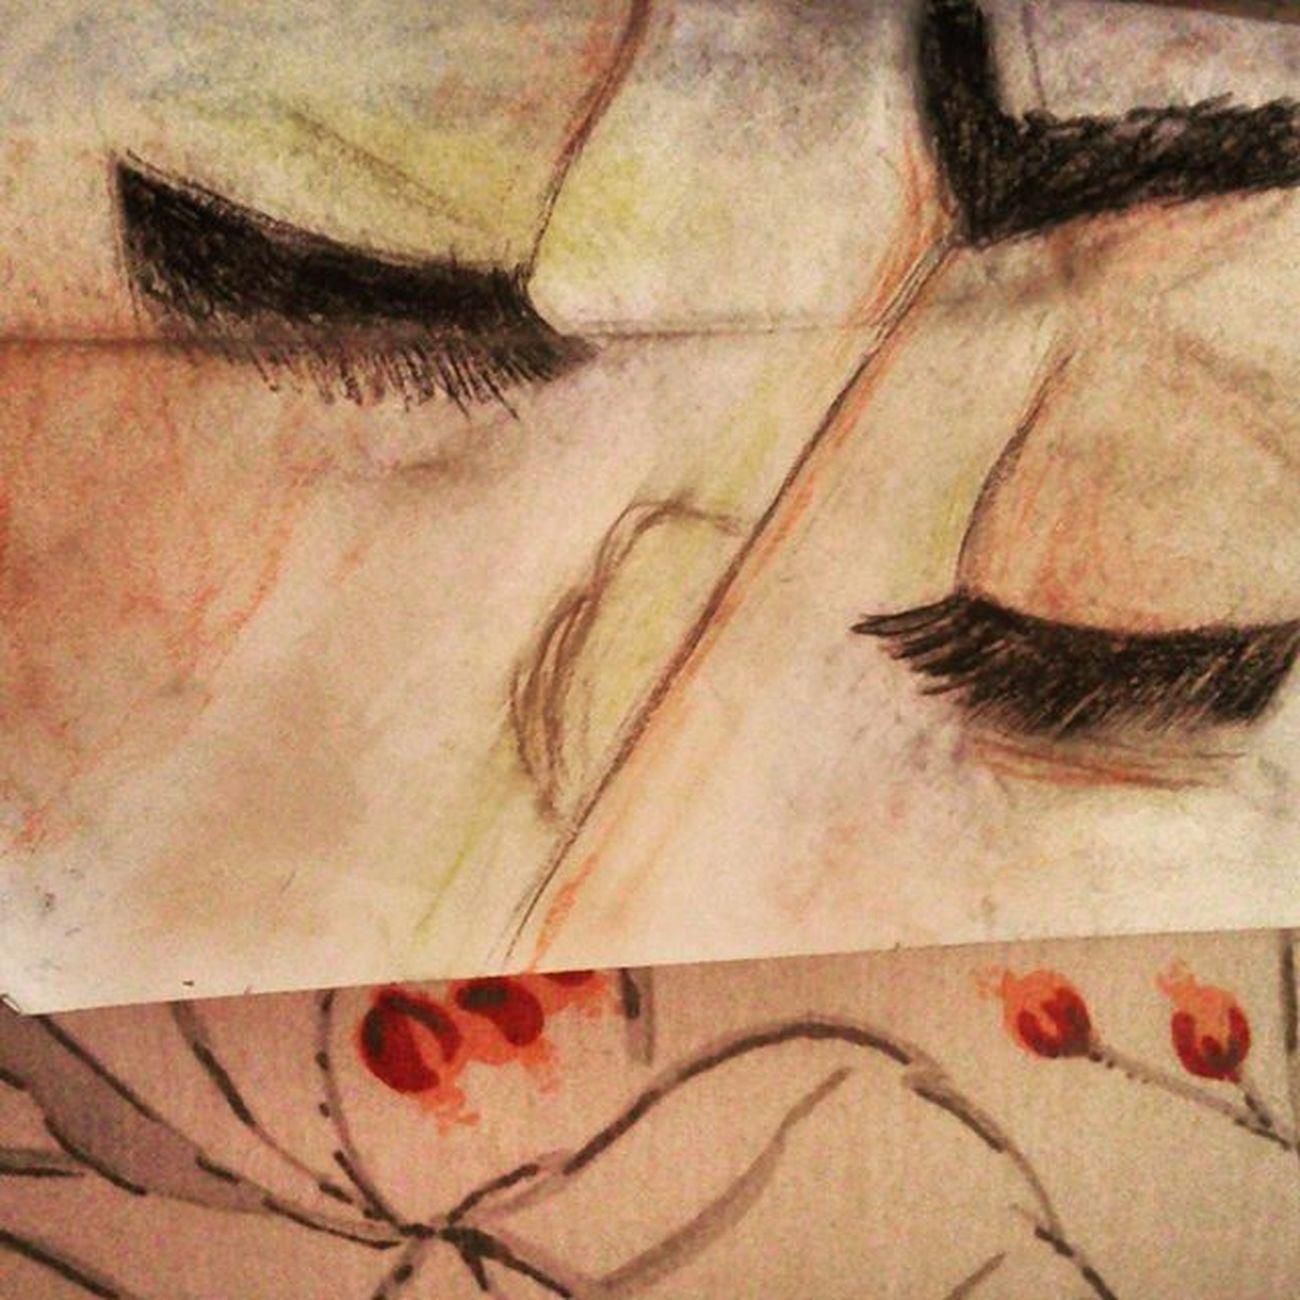 Amor es fuego aventado por el aura de un suspiro; fuego que arde y centellea en los ojos del amante. - Guillermo Shakespeare Whpthisislove . . . . . Drawing Draw Chalk Faces Guillermoshakespeare Romeoandjuliette Artgram Art Arte Artofdrawingg Artmg03